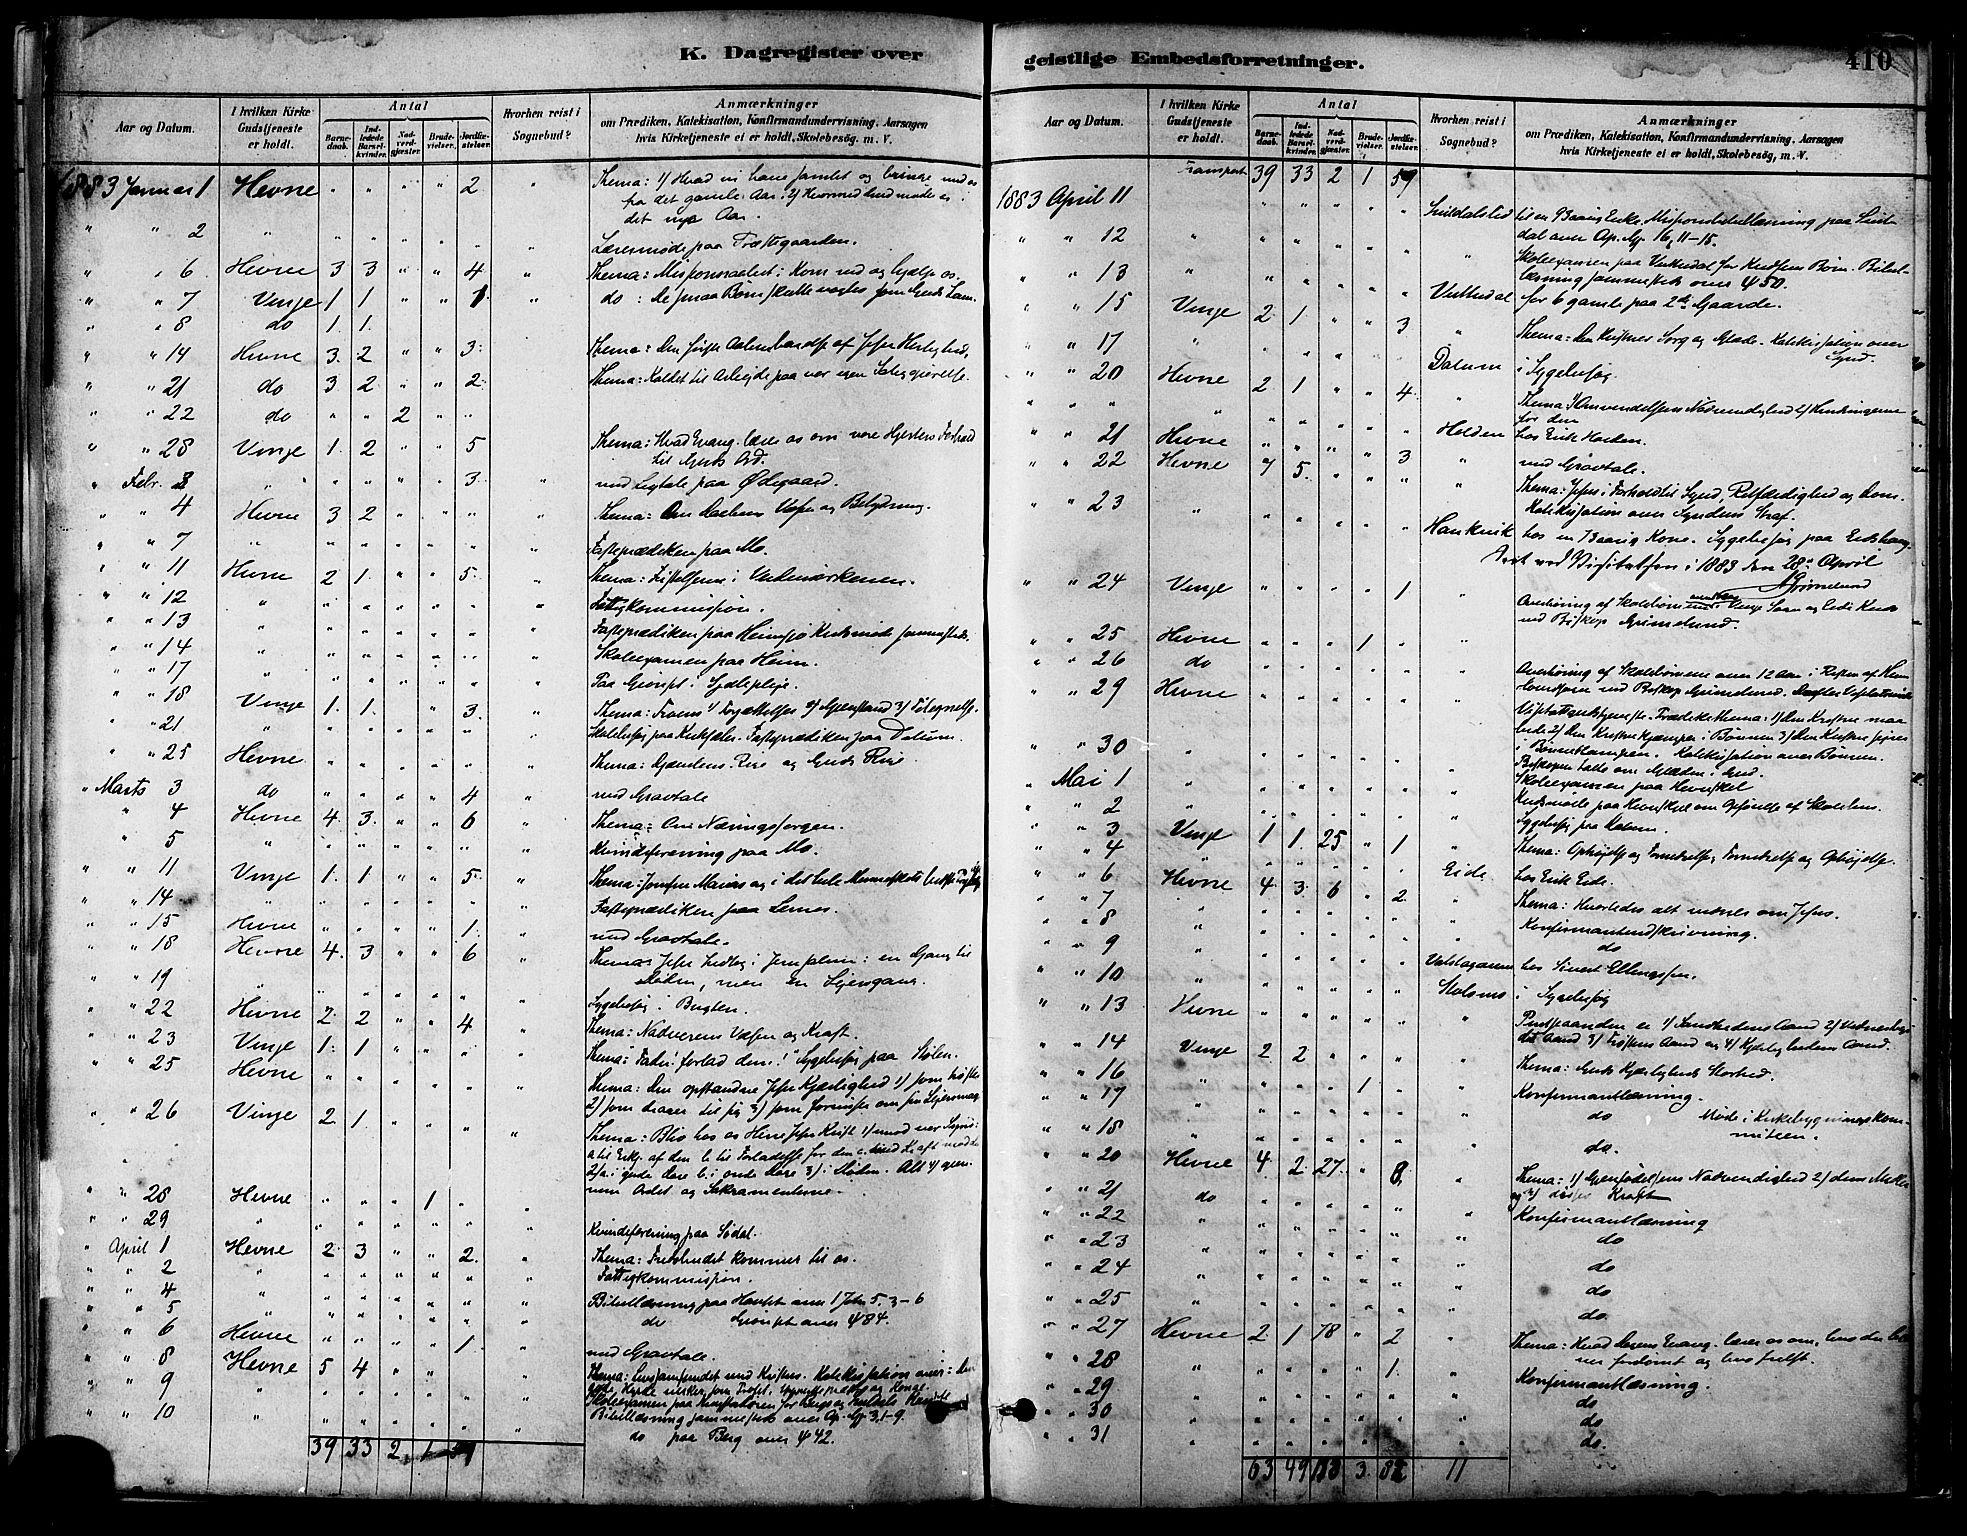 SAT, Ministerialprotokoller, klokkerbøker og fødselsregistre - Sør-Trøndelag, 630/L0496: Ministerialbok nr. 630A09, 1879-1895, s. 410